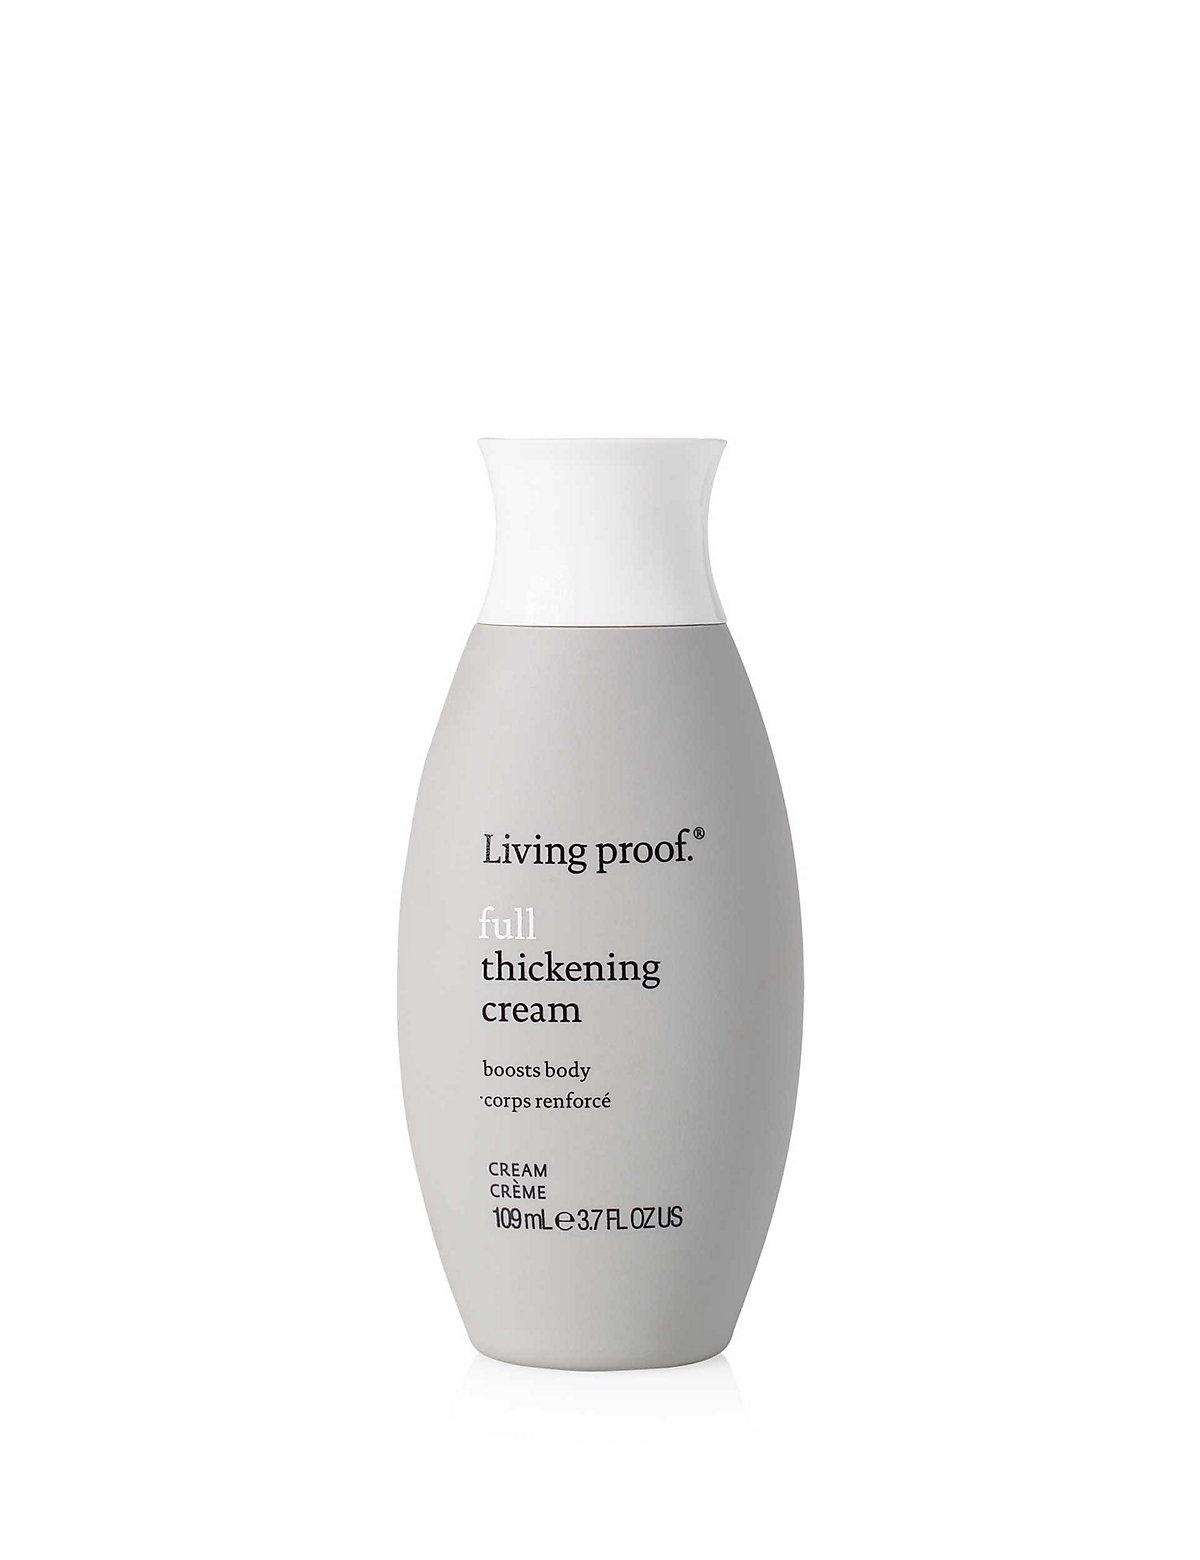 Living proof. Full Thickening Cream 109ml